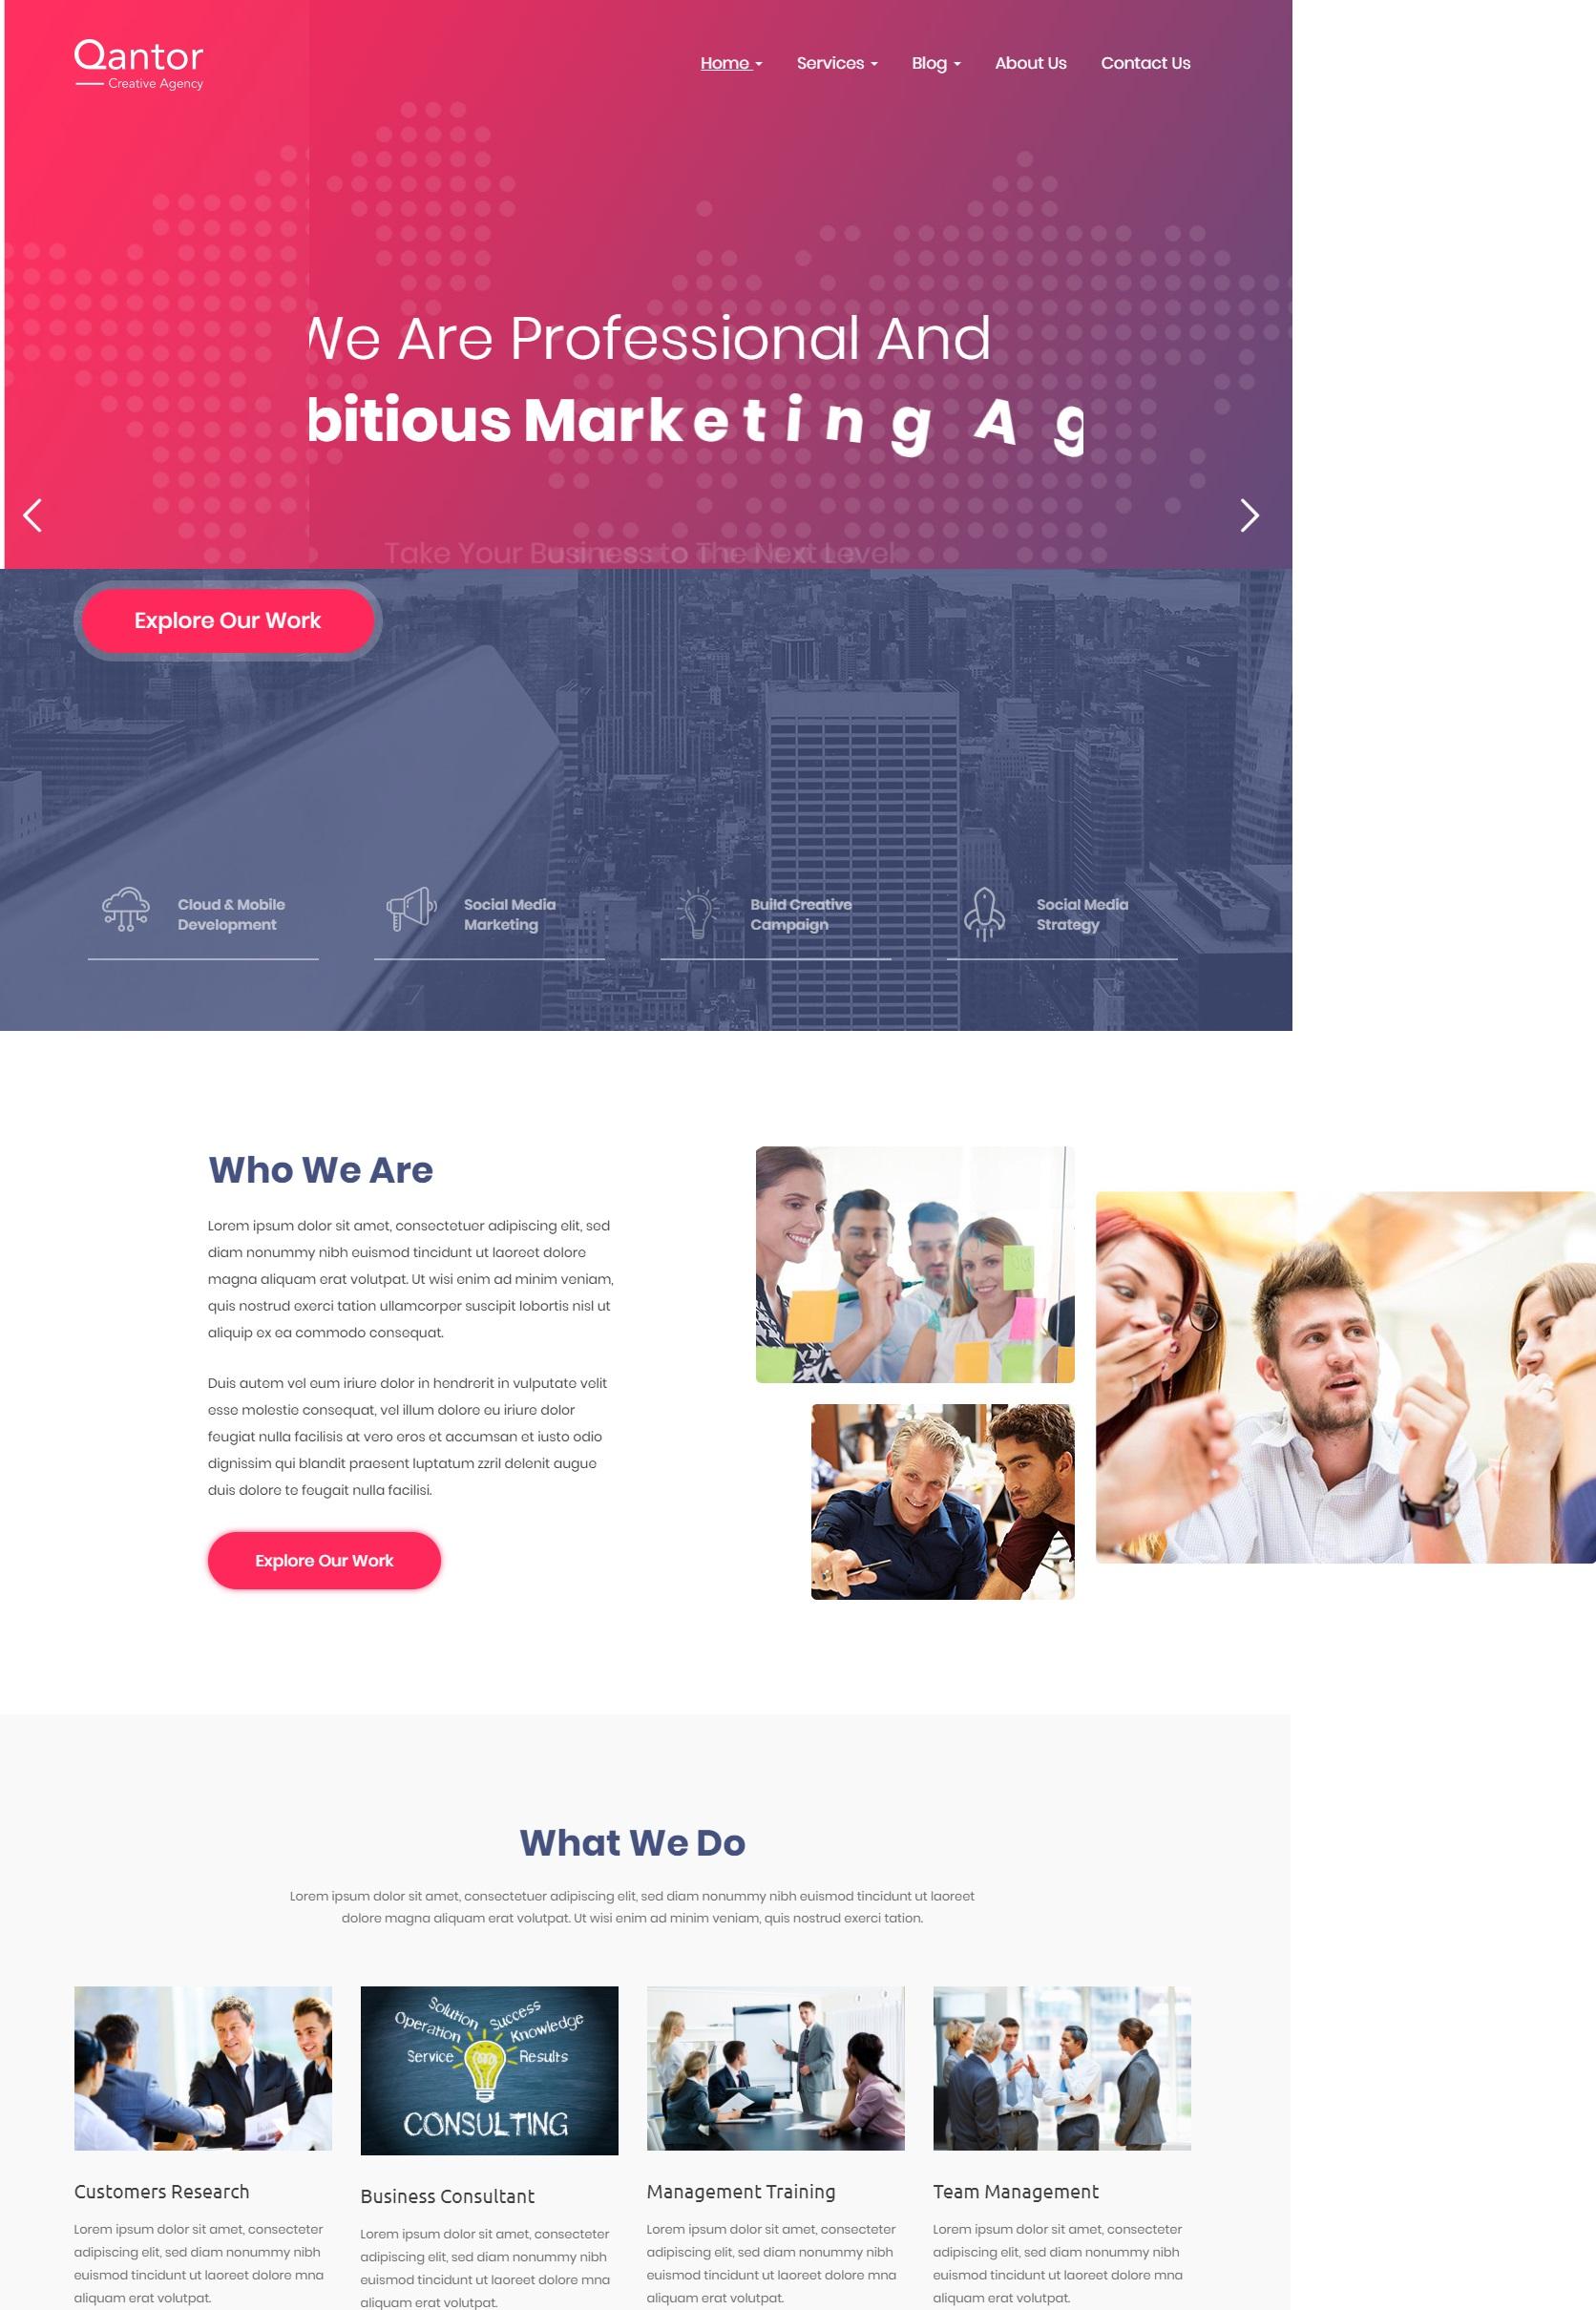 Mẫu website giới thiệu công ty-Qantor